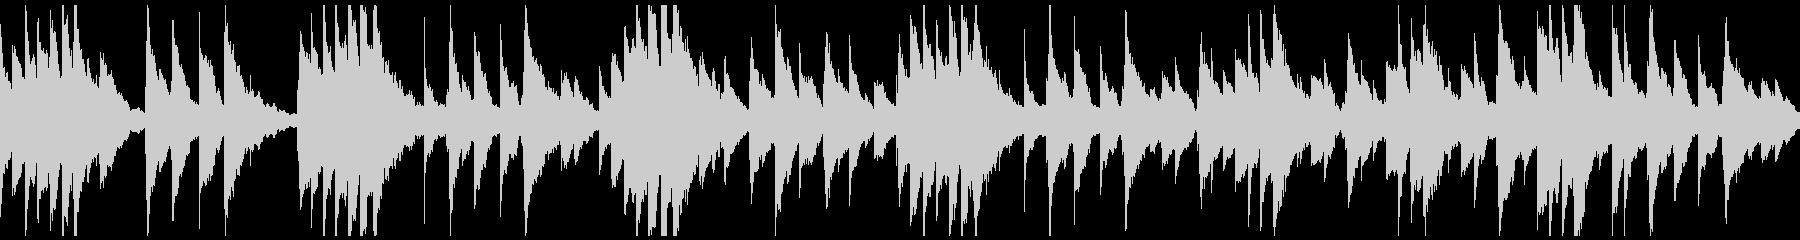 優しく感動的な雰囲気の オルゴールBGMの未再生の波形